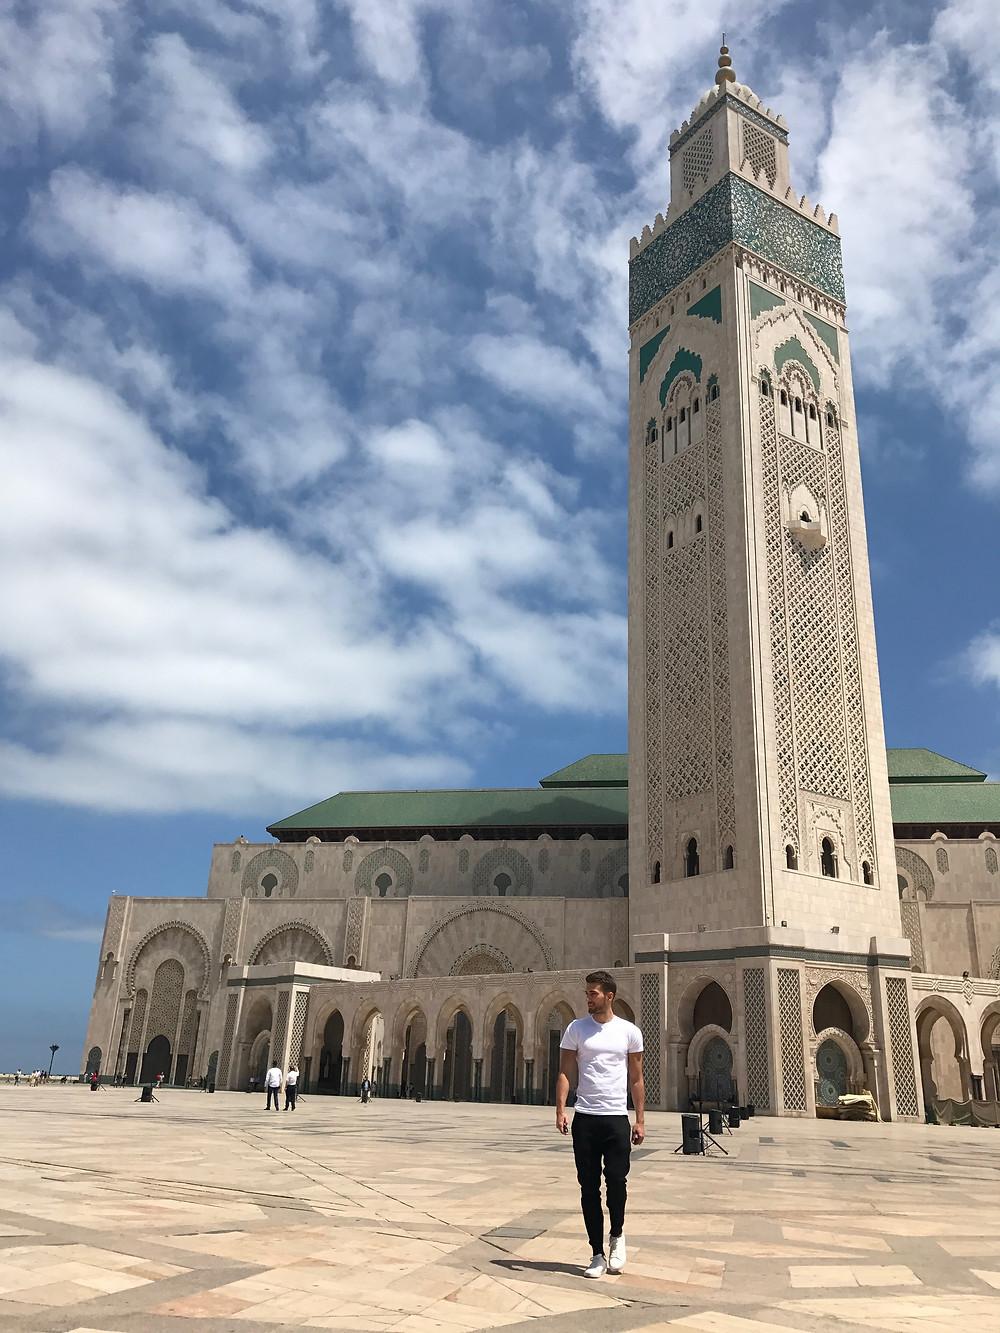 El exterior de la mezquita Hassan II es uno de los lugares más 'instagrammeables' de Marruecos